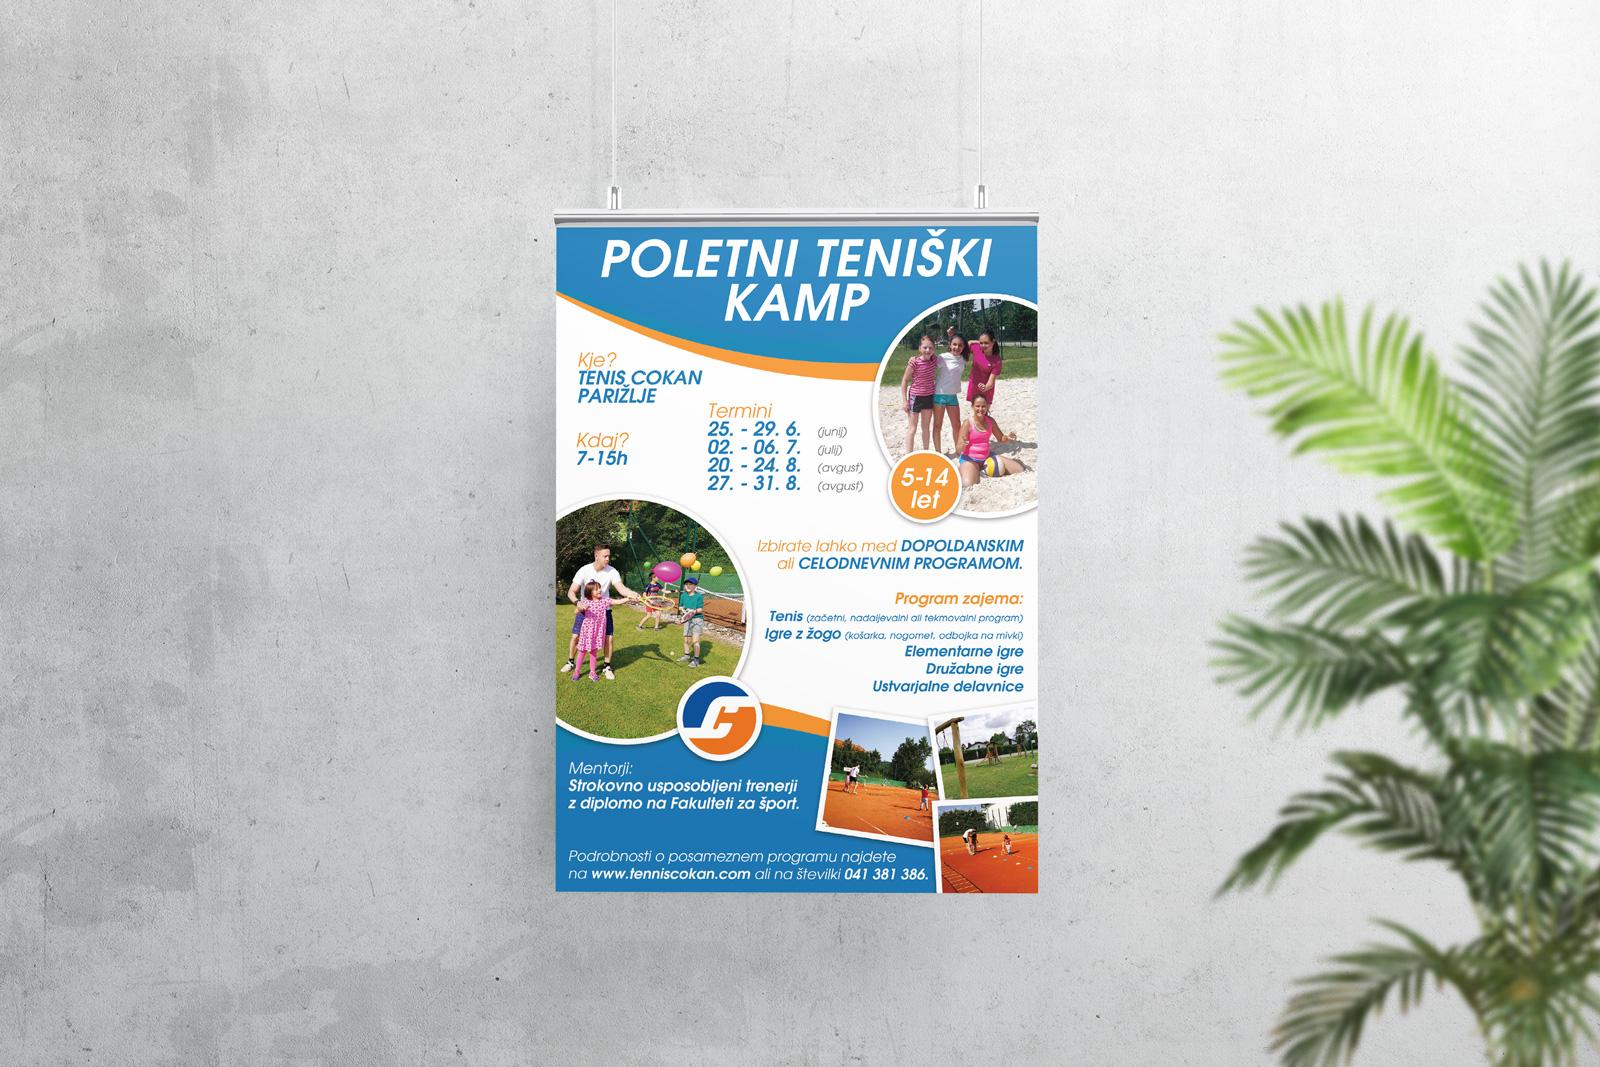 Poletni teniški kamp